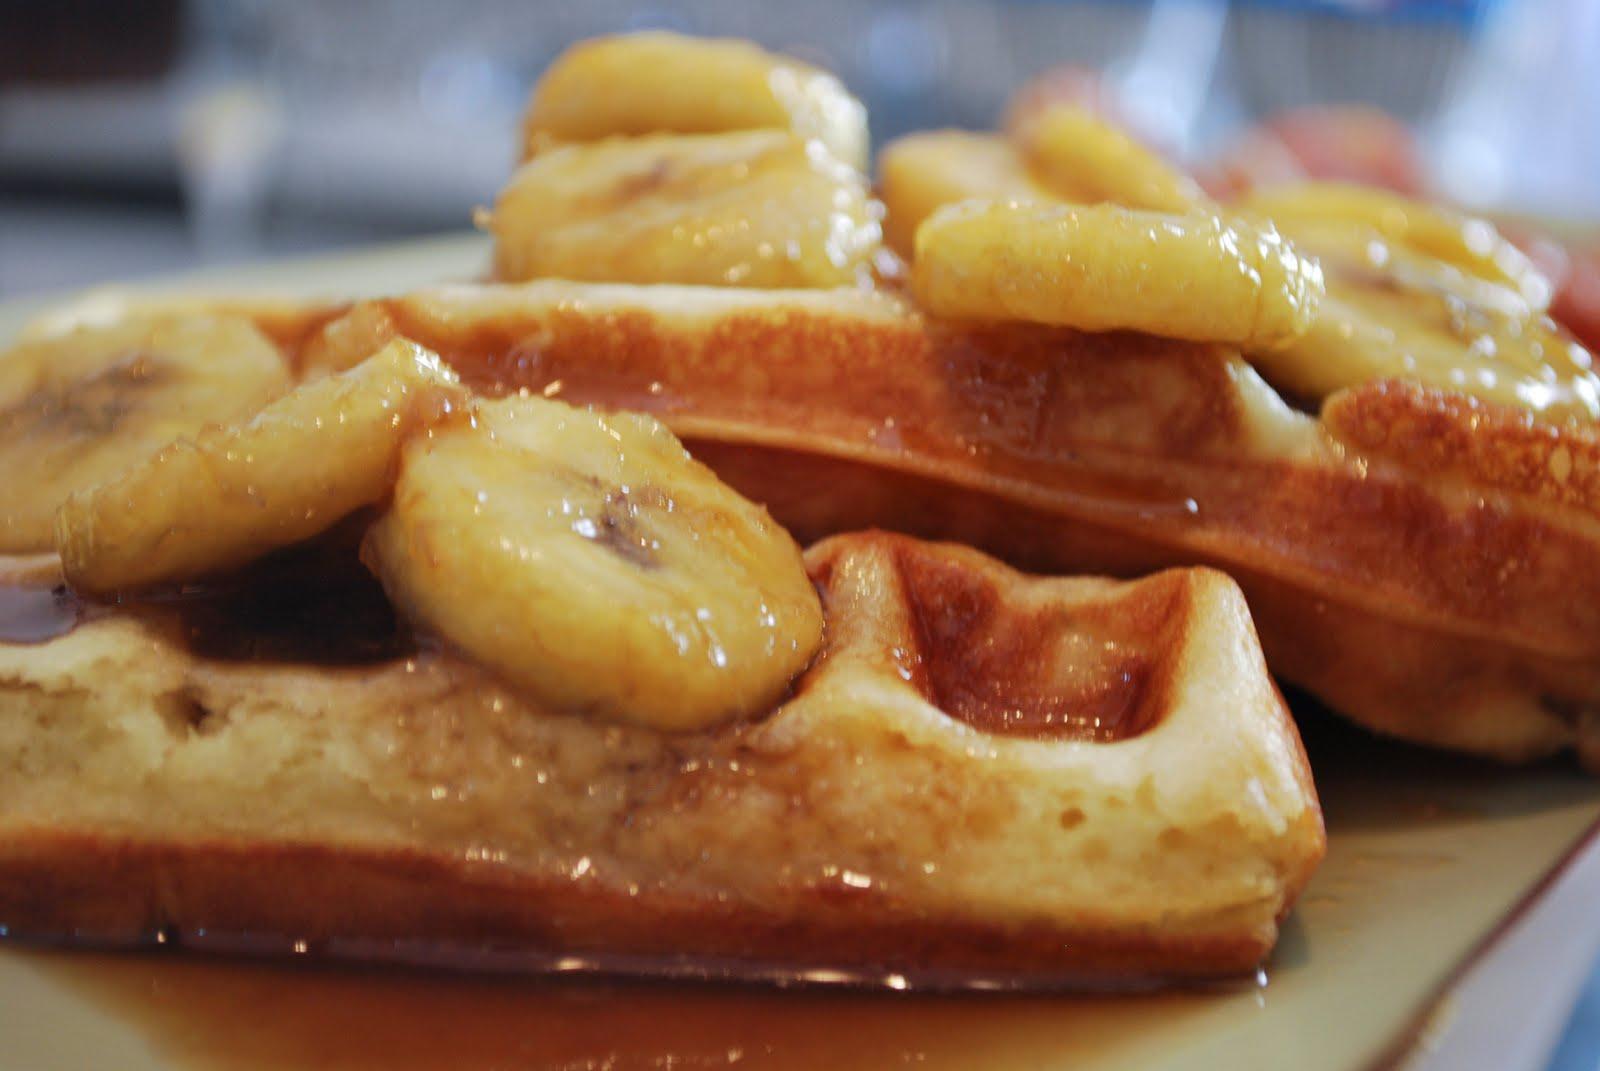 http://1.bp.blogspot.com/_tL4kGwZcWpw/Swh8N3GjGBI/AAAAAAAAA0w/bOVkupioy7Q/s1600/waffles+with+bananas+foster-15.jpg